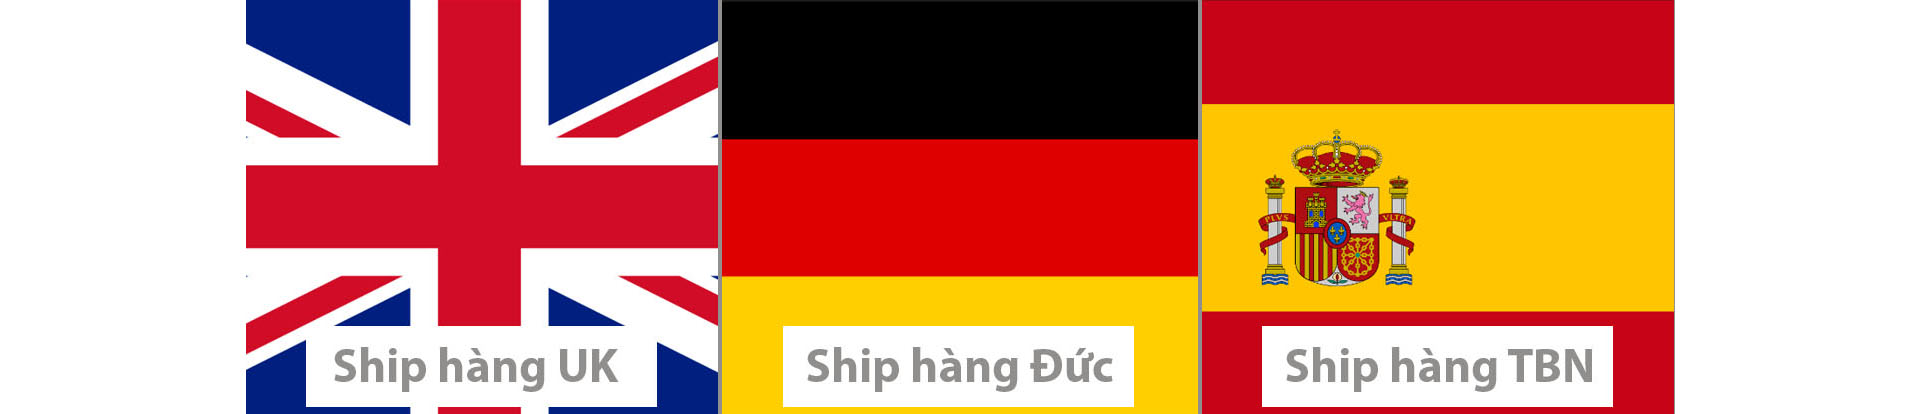 Shiphang